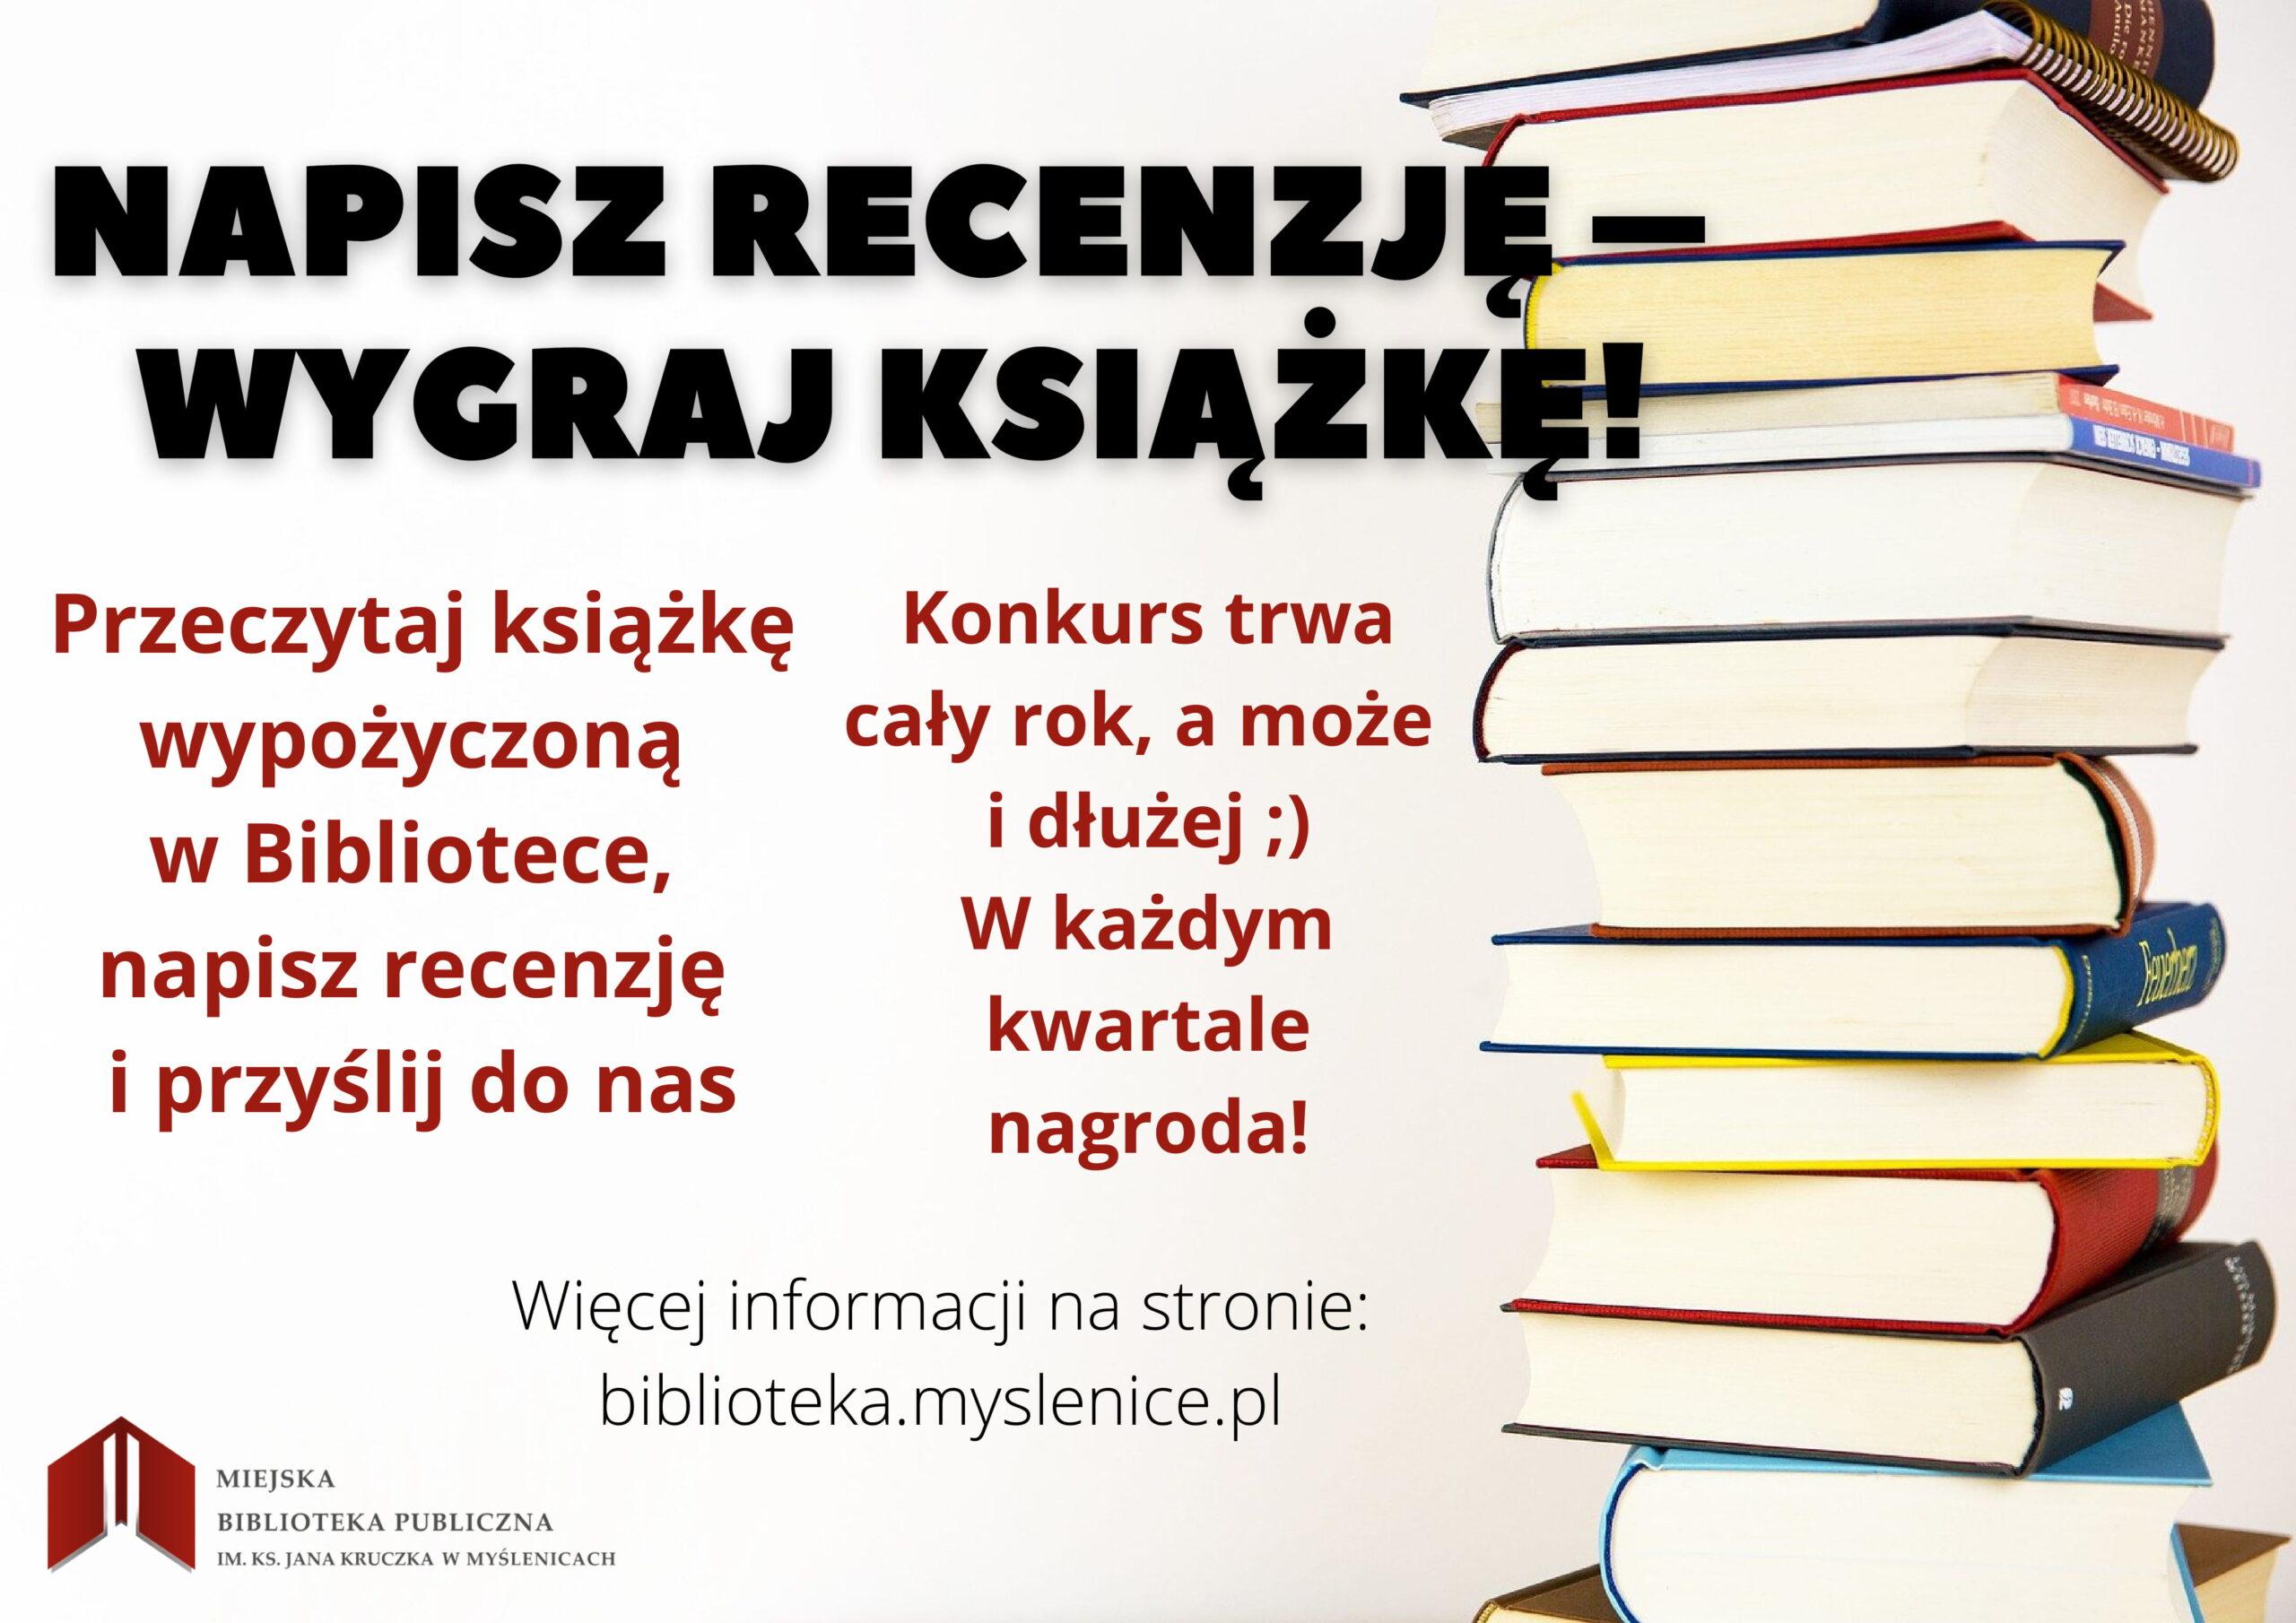 Napisz recenzję – wygraj książkę!